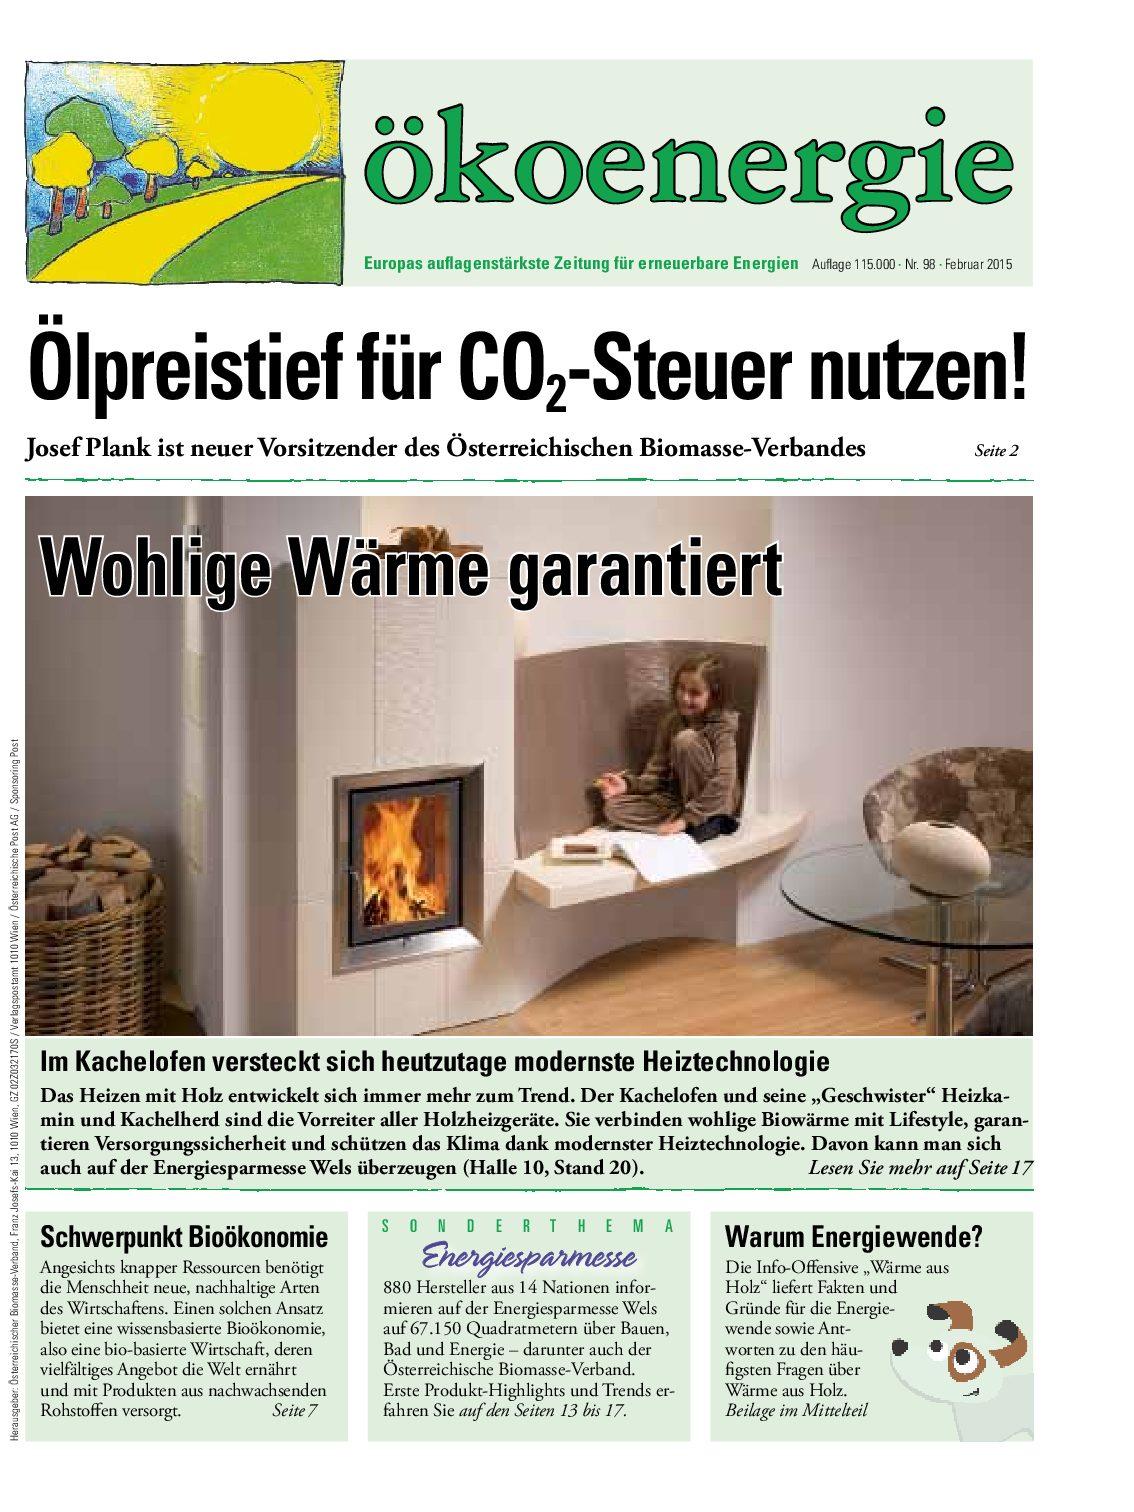 ökoenergie 98